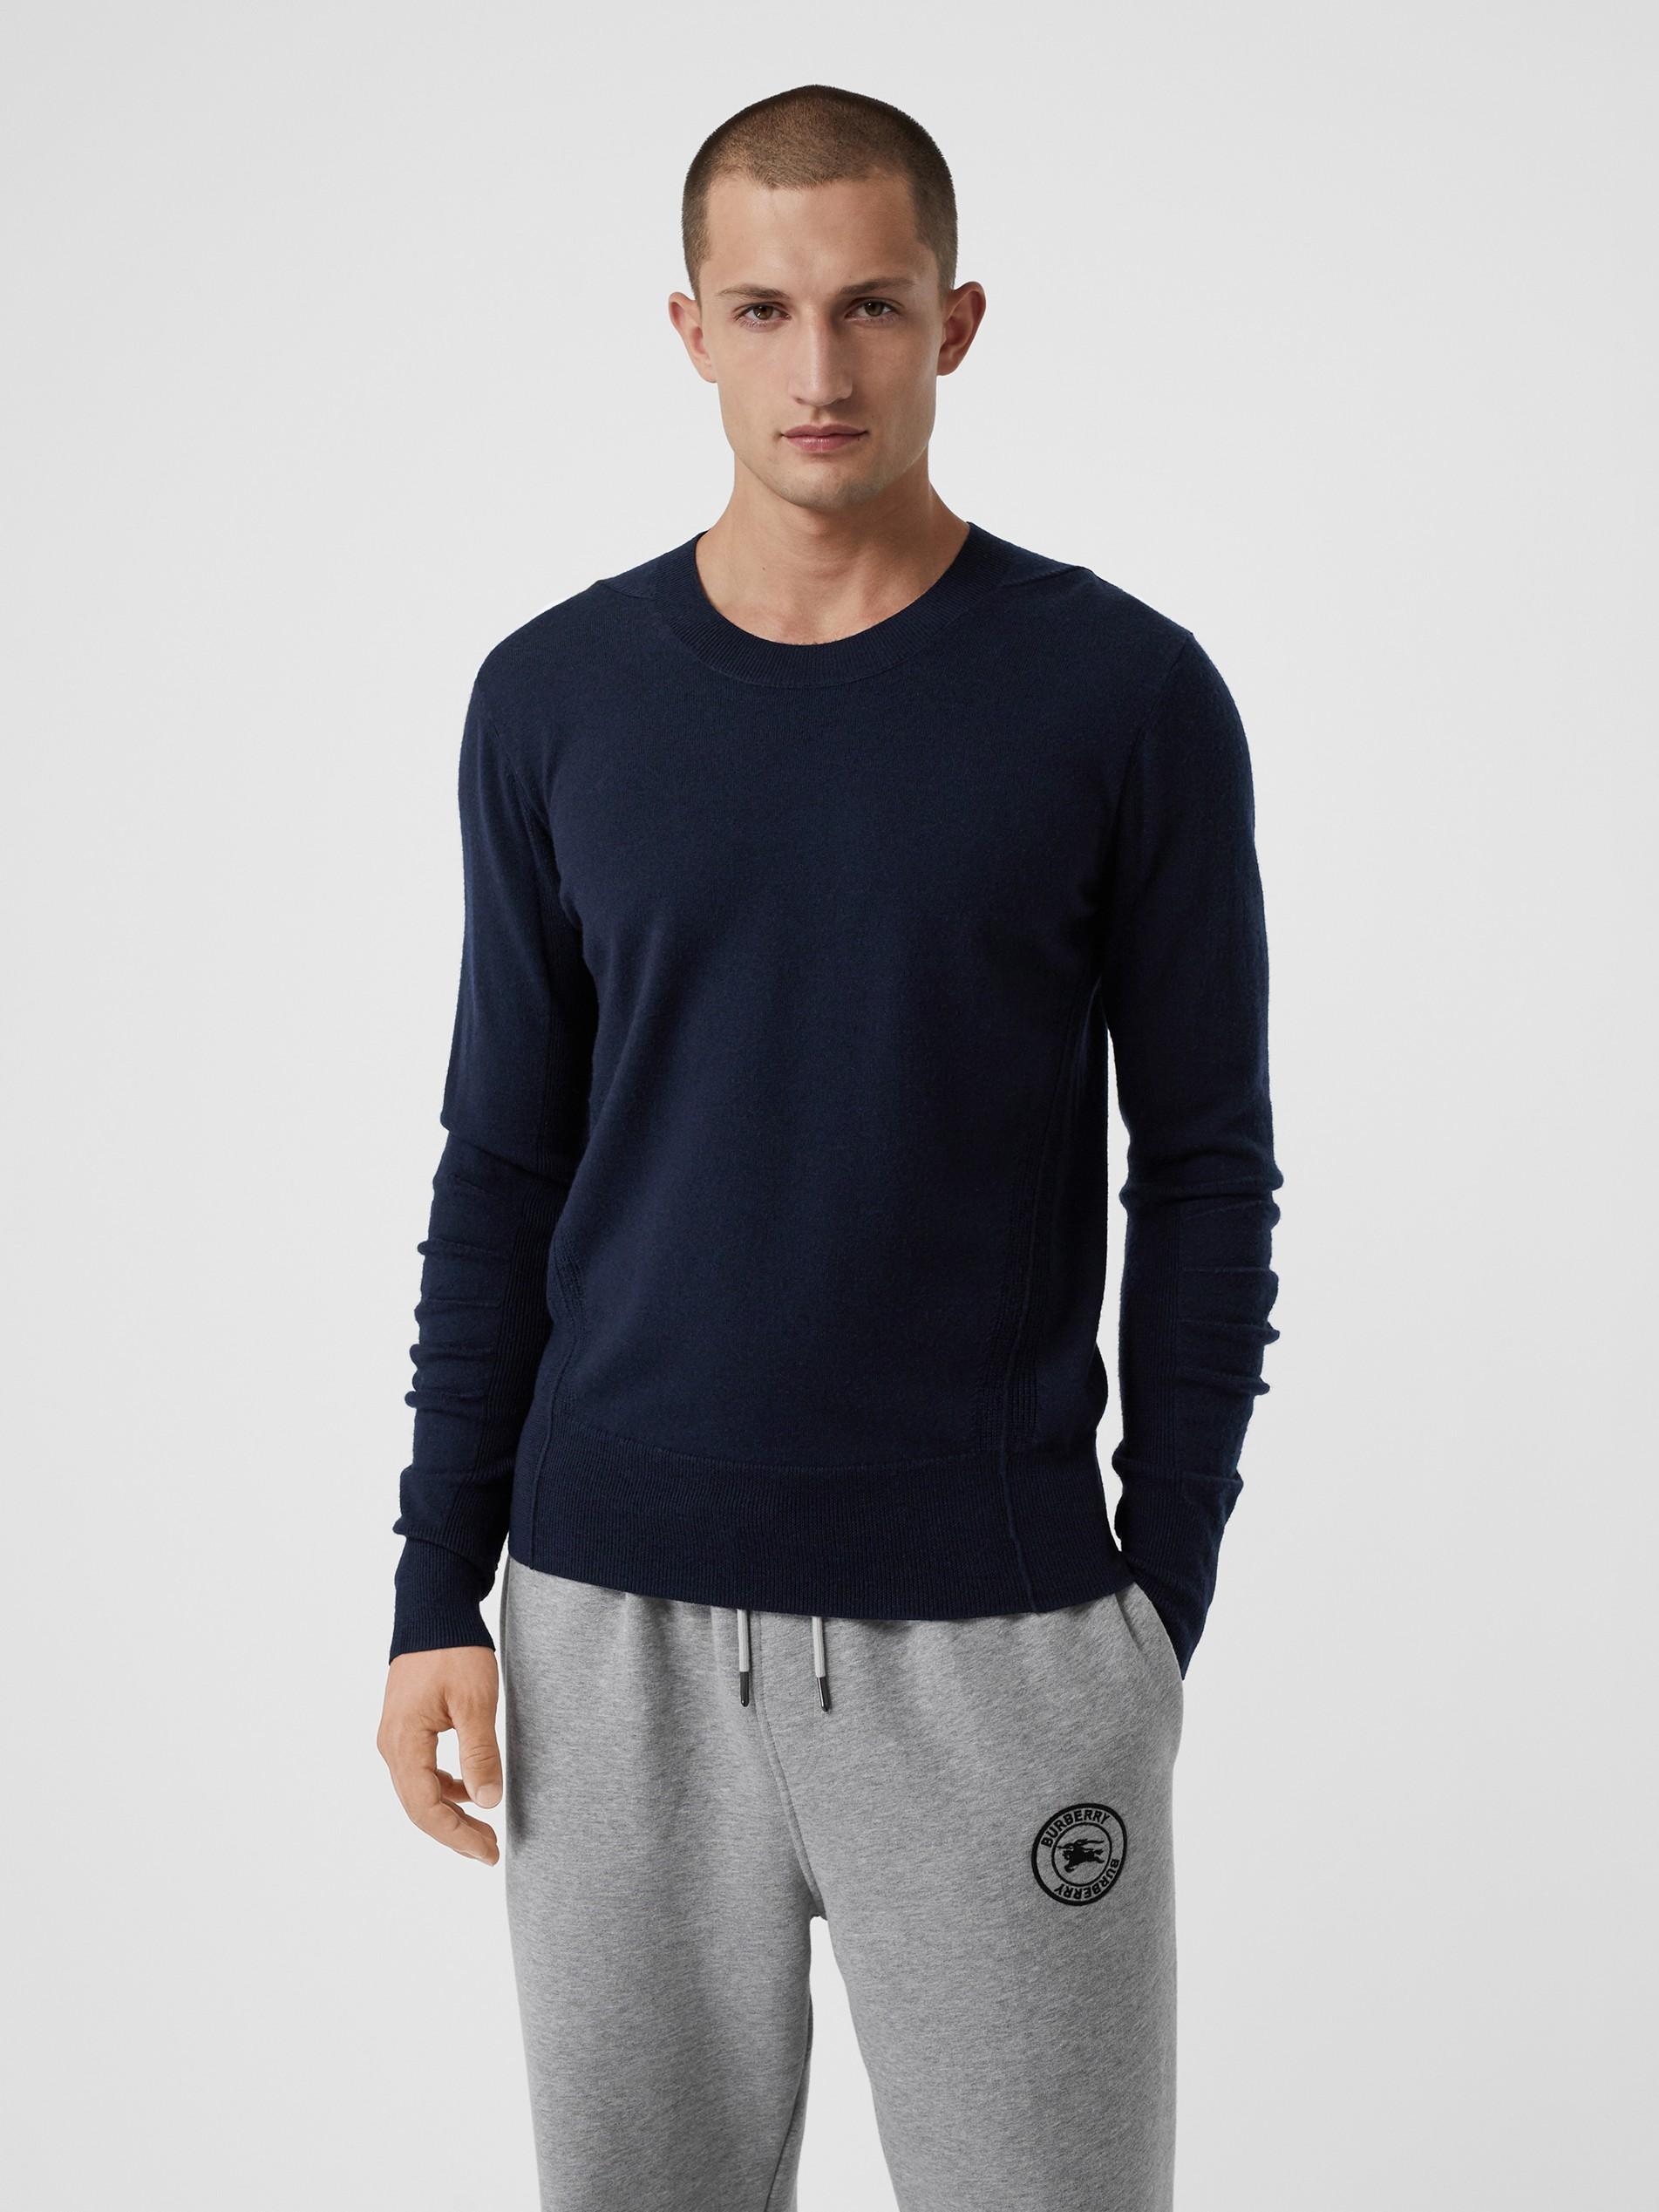 针织提花面料图片_格纹装饰美利奴羊毛衫 (海军蓝) - 男士 | Burberry 博柏利